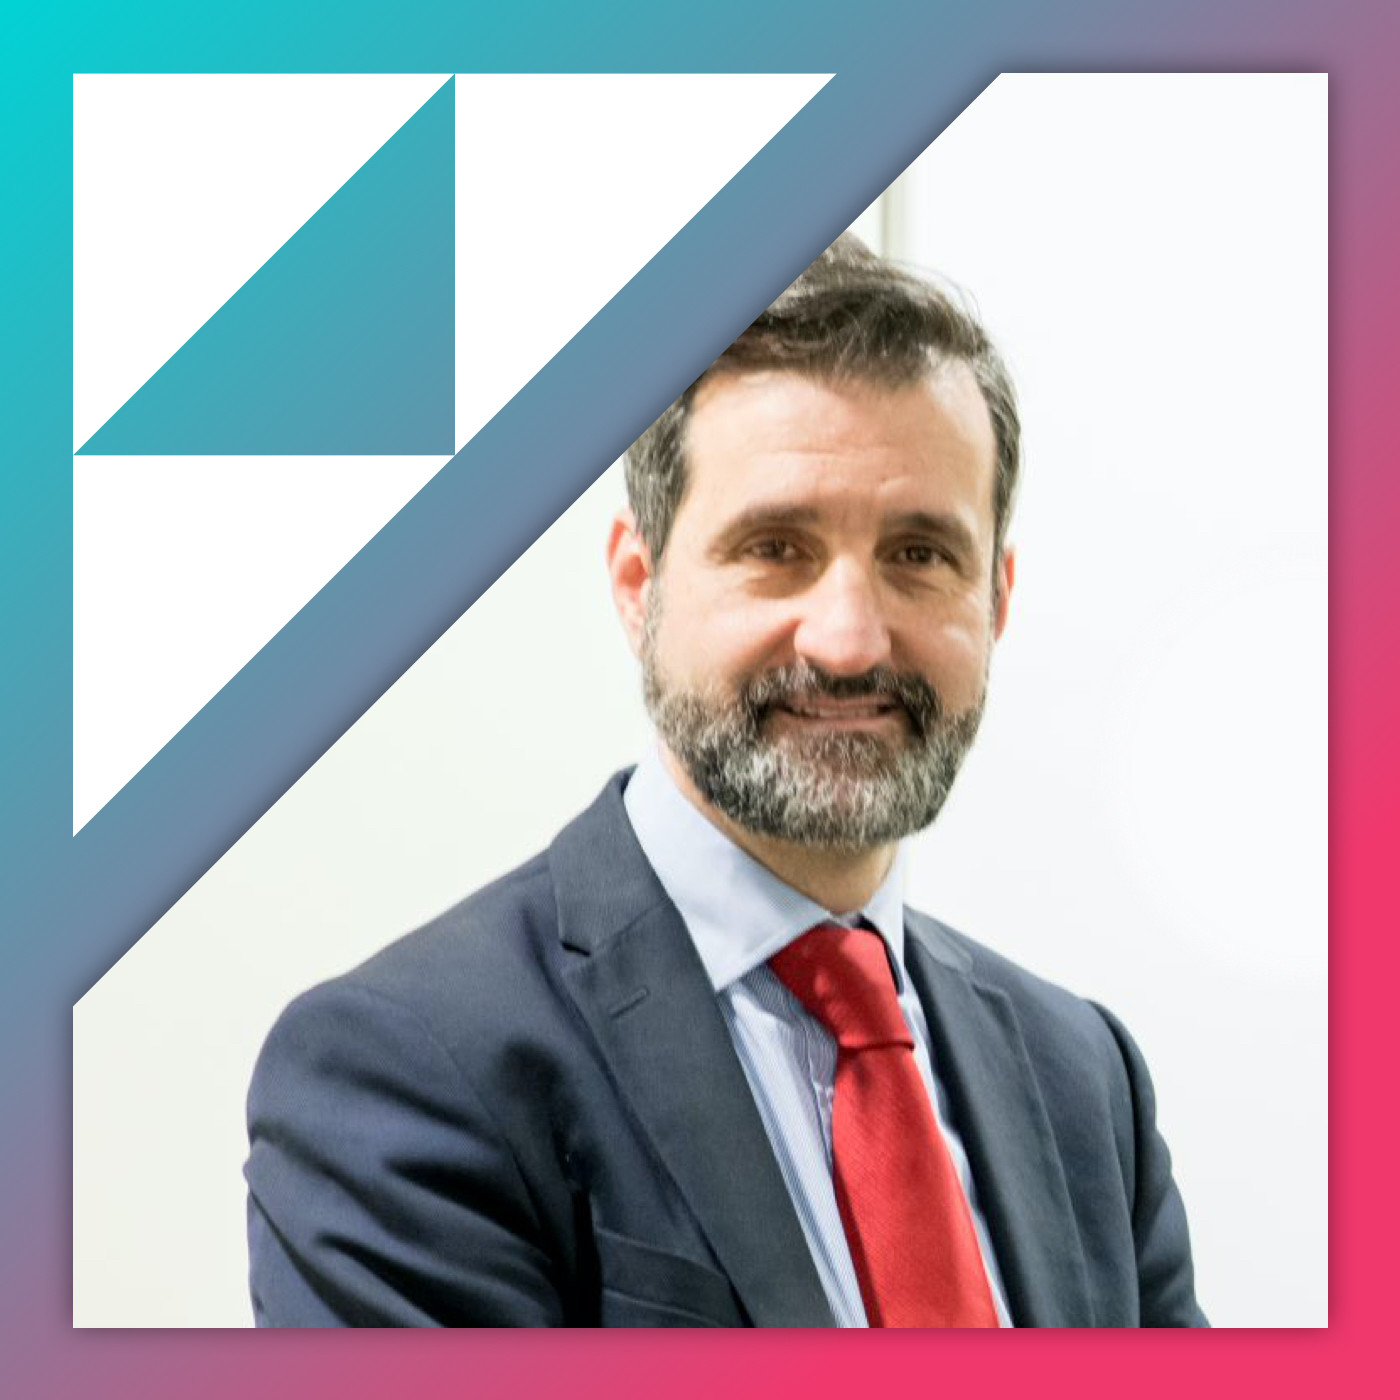 S02E12 - Red.es: La mejora de la convergencia digital con Europa como impulso para la innovación con David Cierco